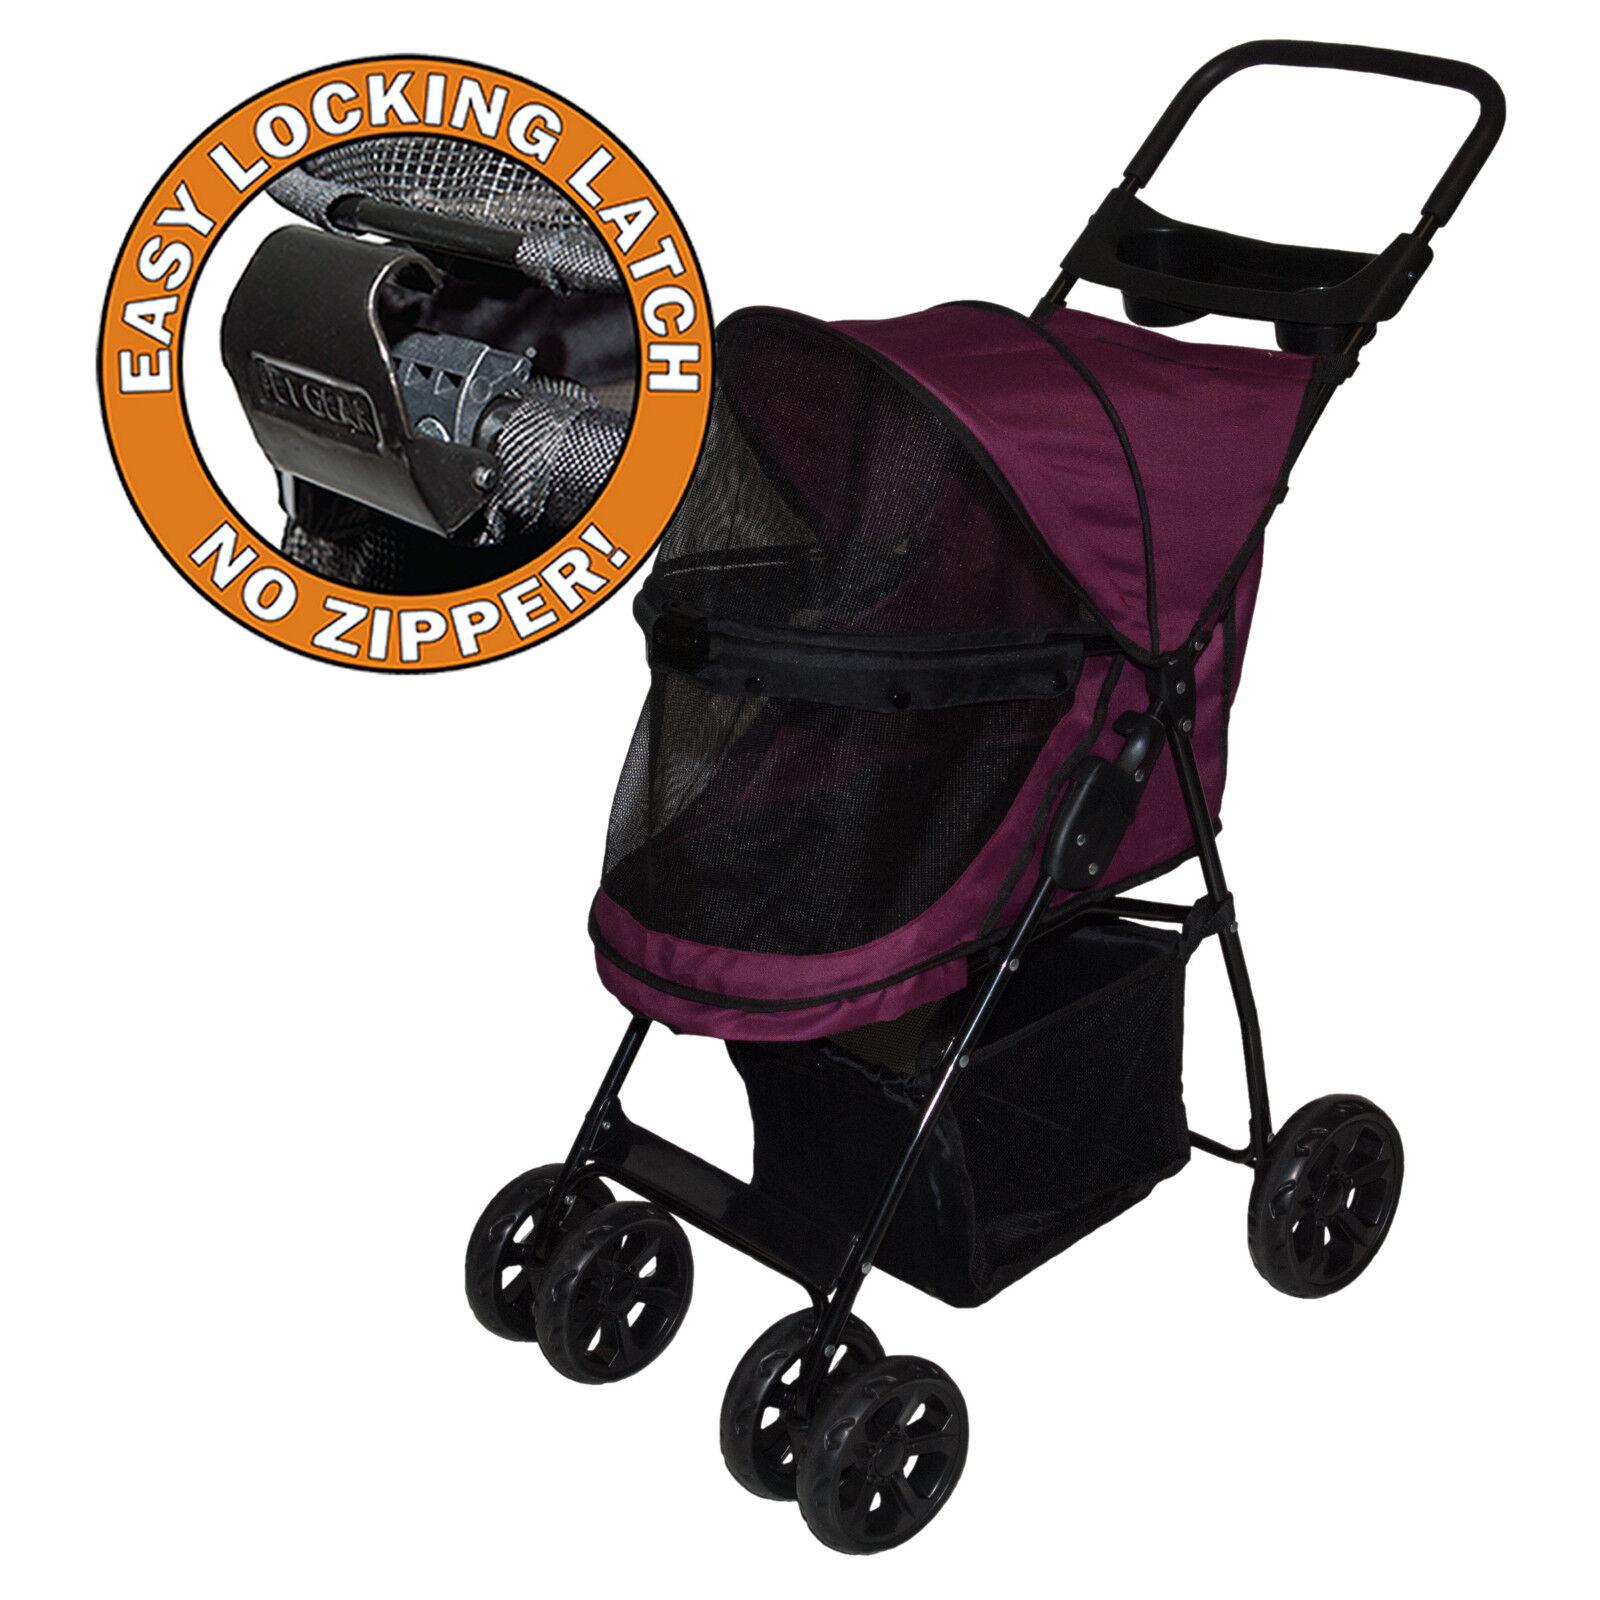 Pet Gear Cat Dog No-zip Stroller Pg8030nz 4 Wheel Zipperl...